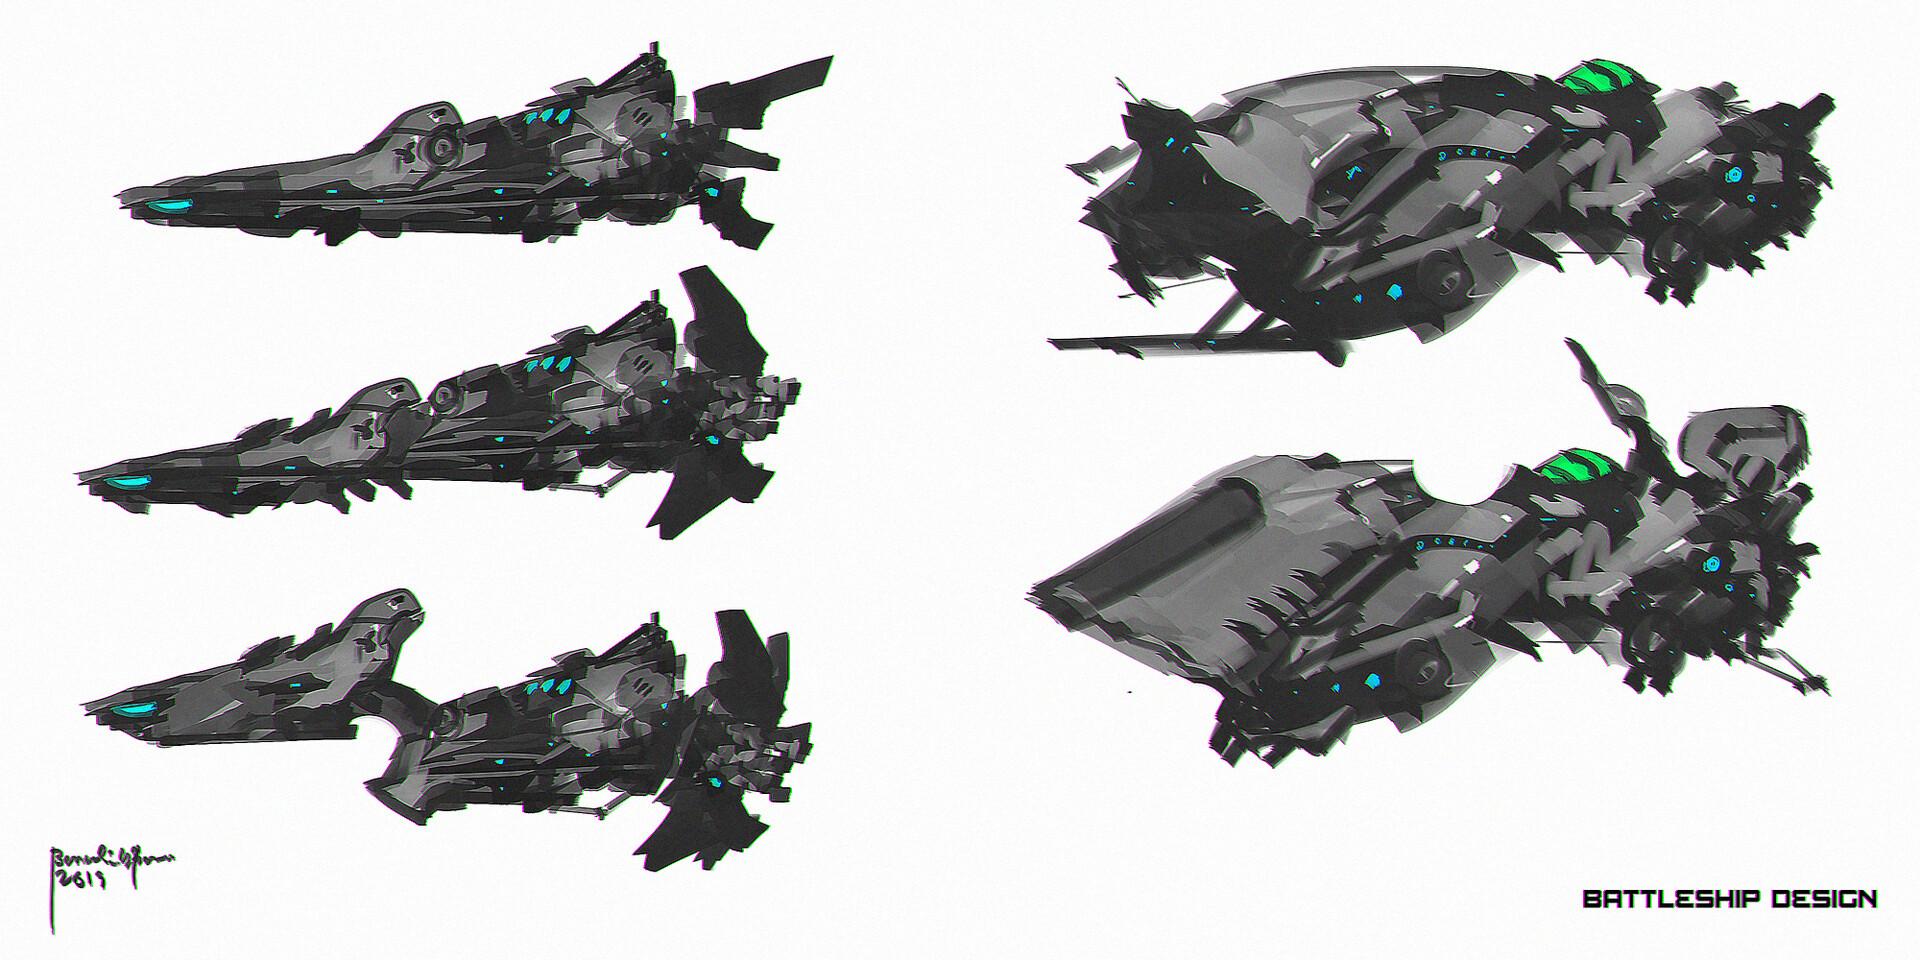 Space Battleship Concept Art